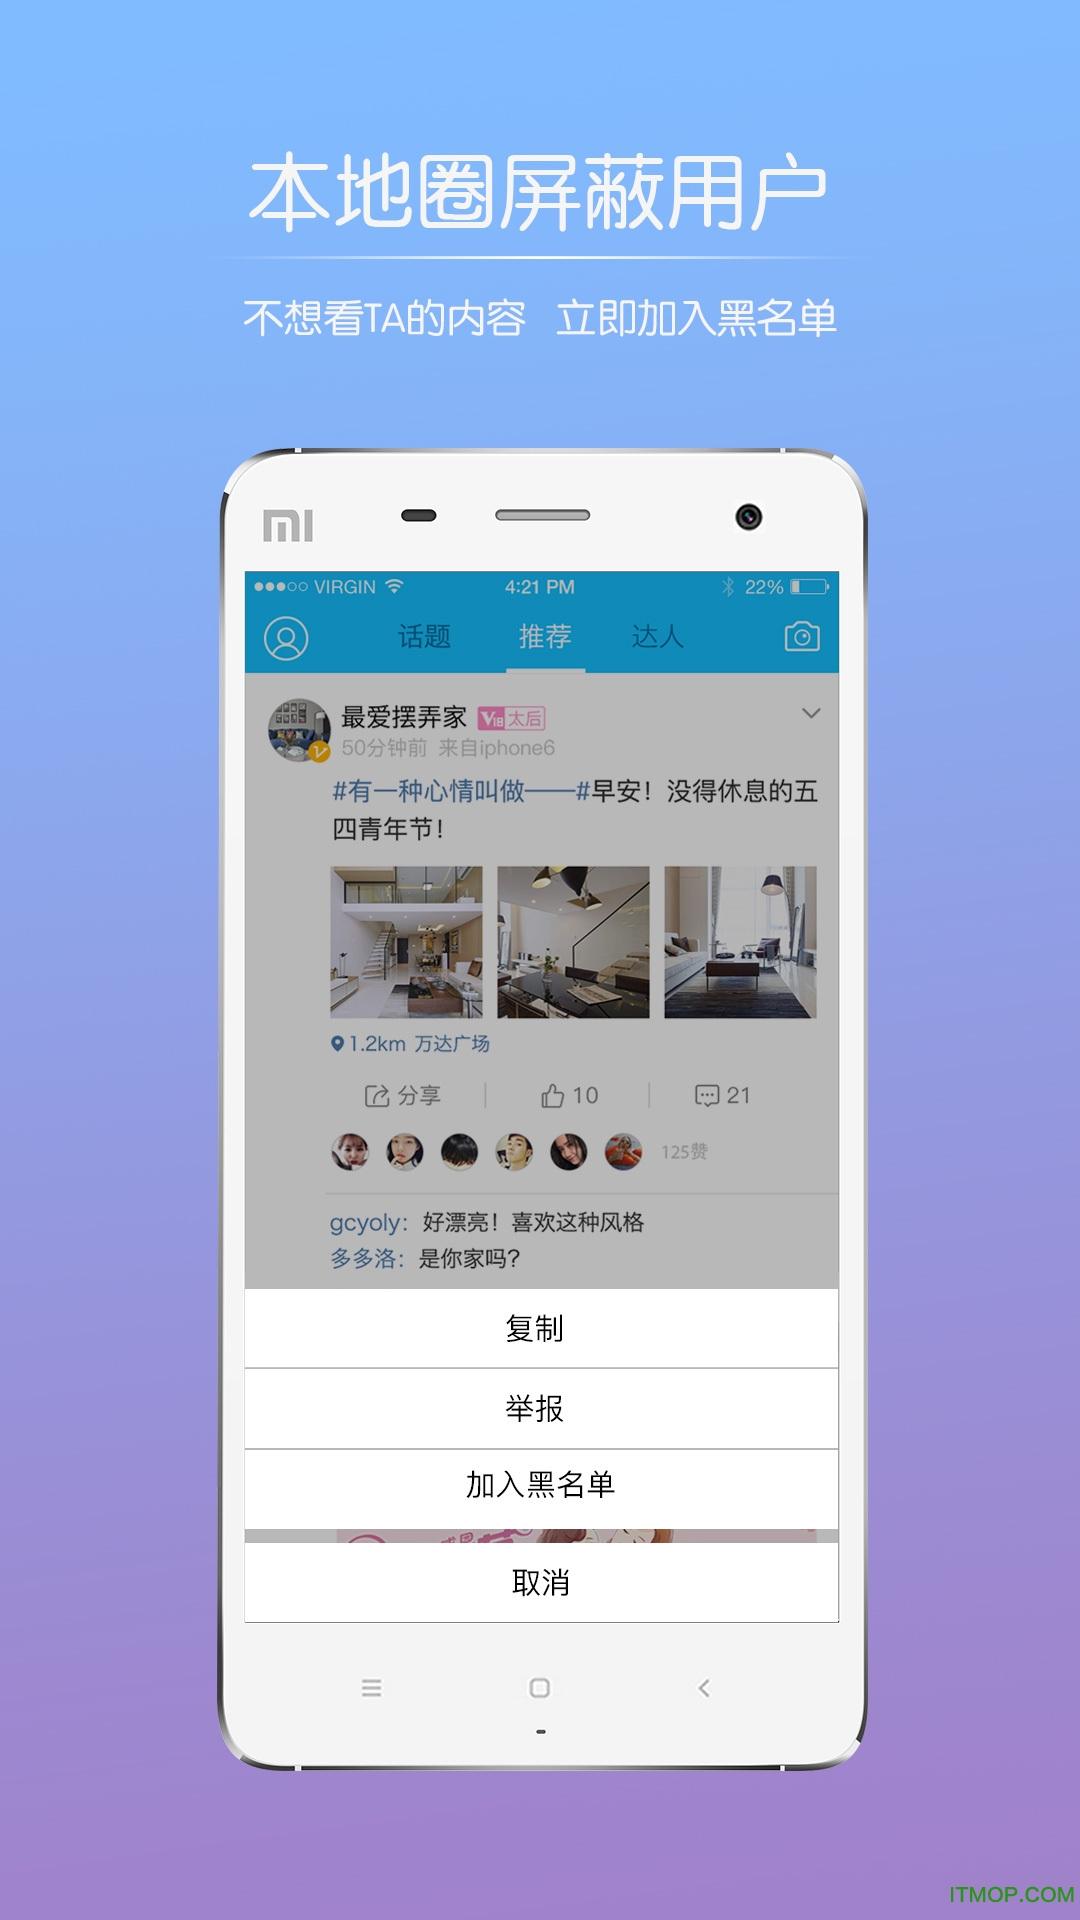 汉丰湖畔app v2.1.0 安卓版4